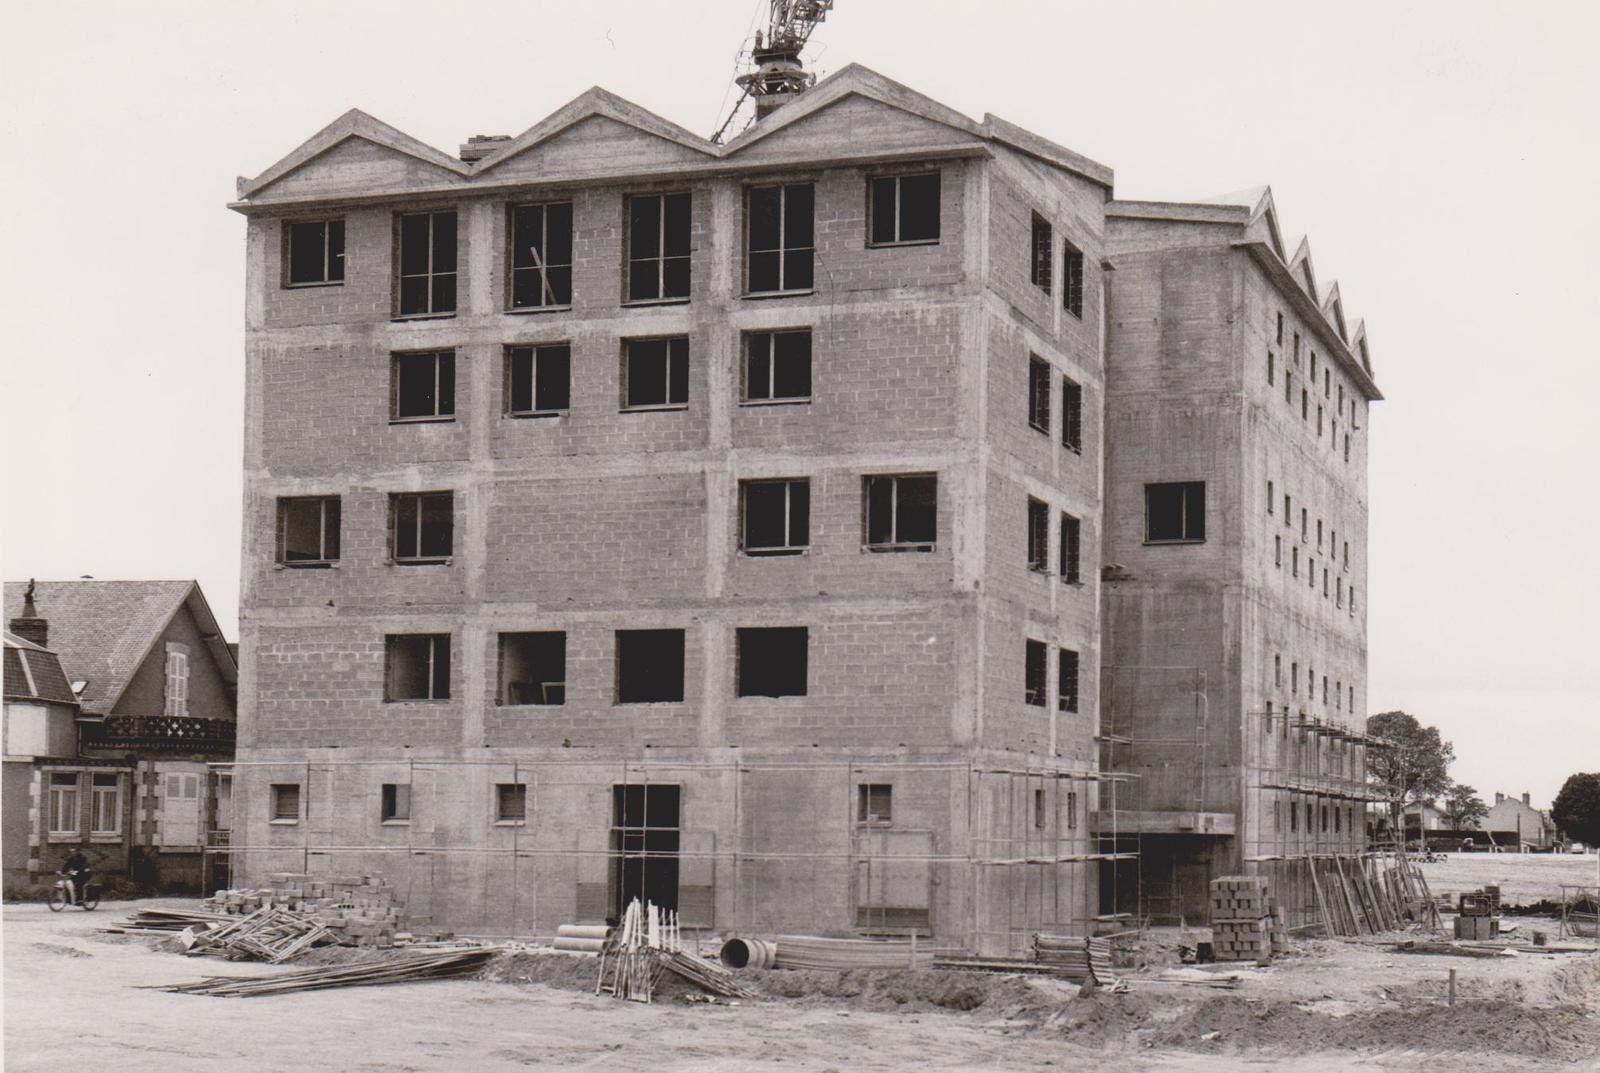 50 ans après, l'ex-centrale téléphonique est toujours à vendre 350.000 euros